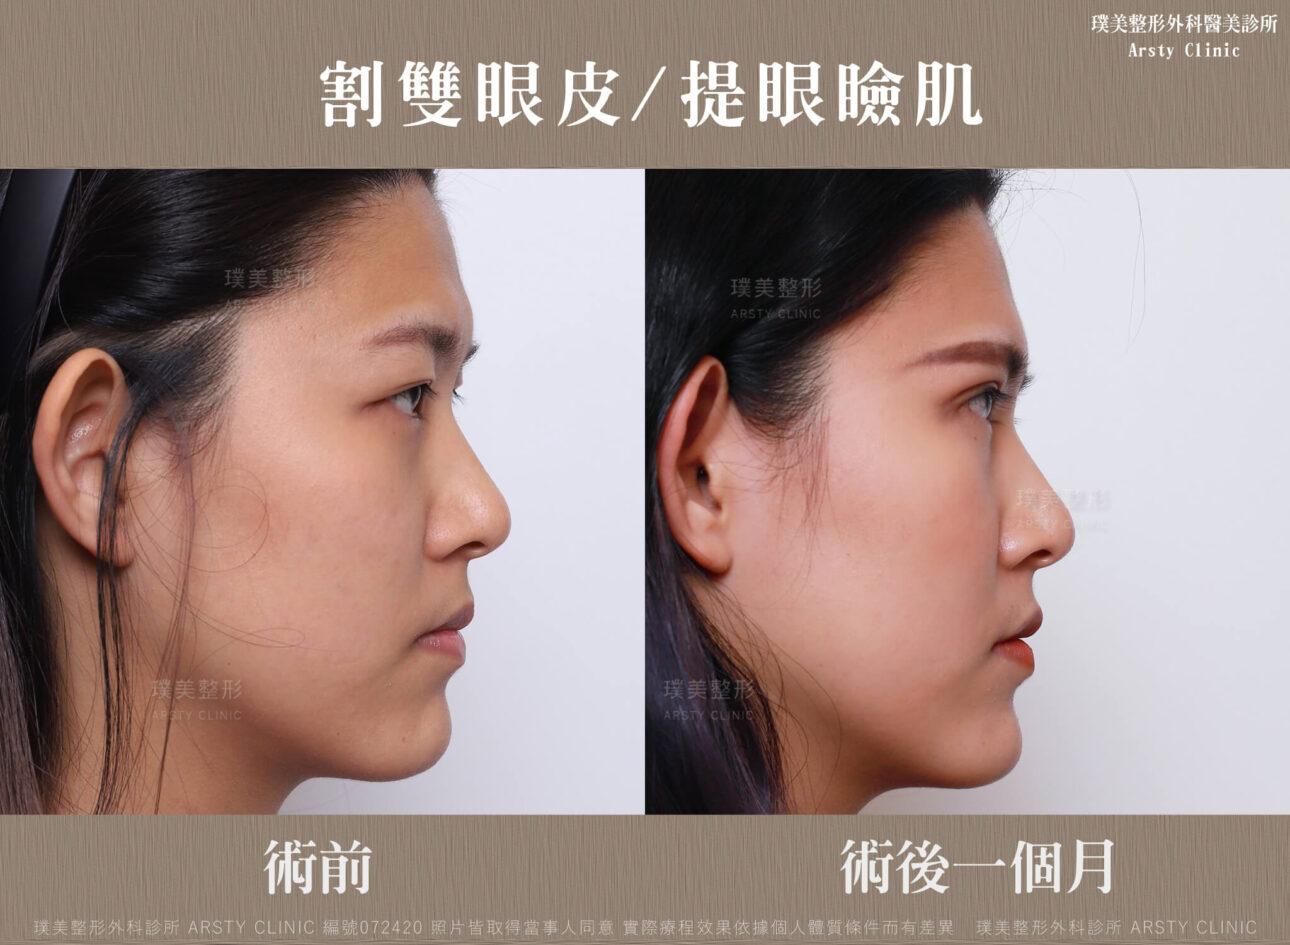 割雙眼皮、提眼瞼肌-BA-右90-072420-1M